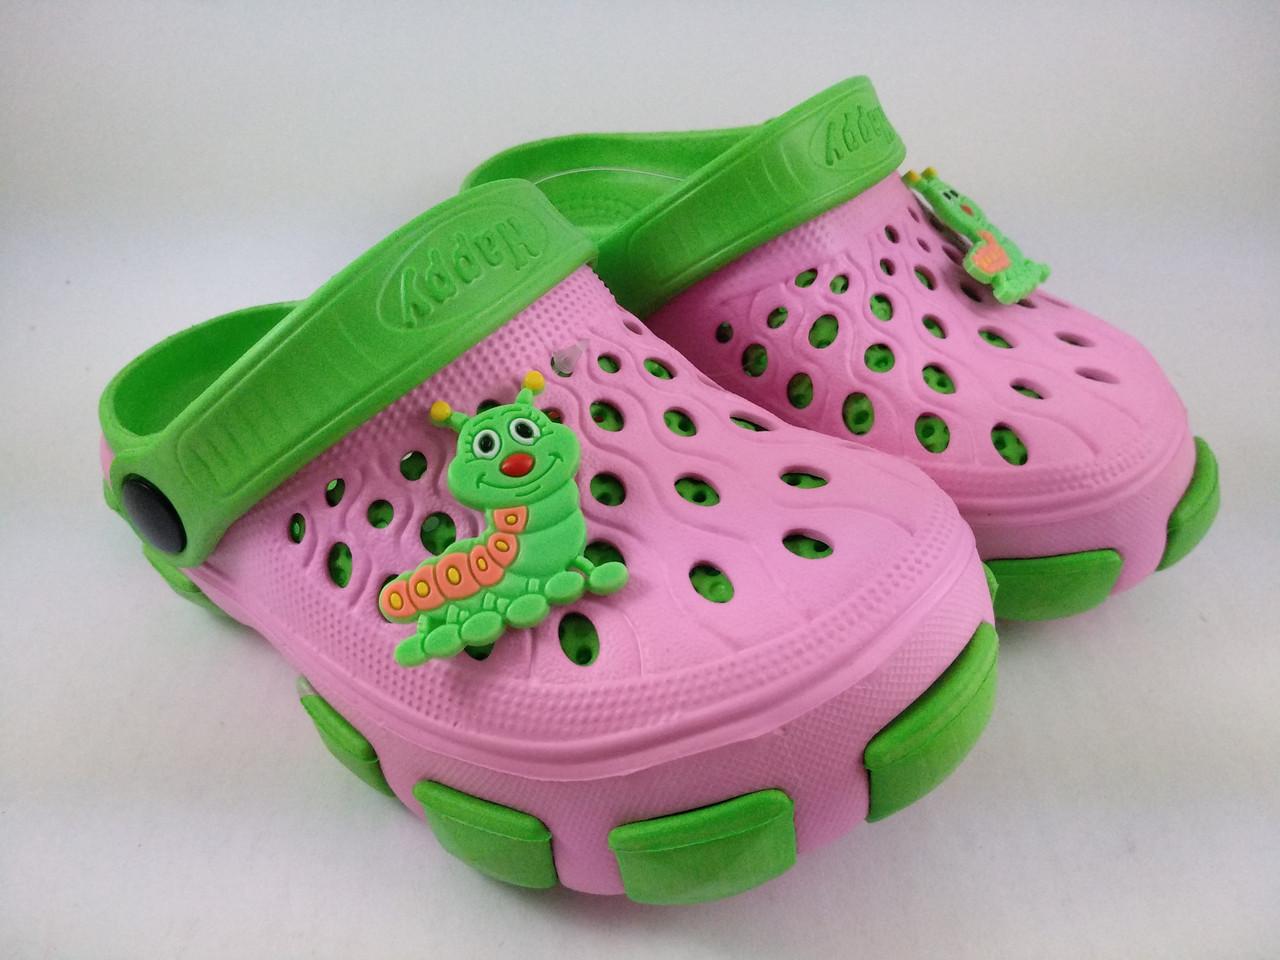 Кроксы розовые, пляжная обувь для девочек, сабо Jose Amorales